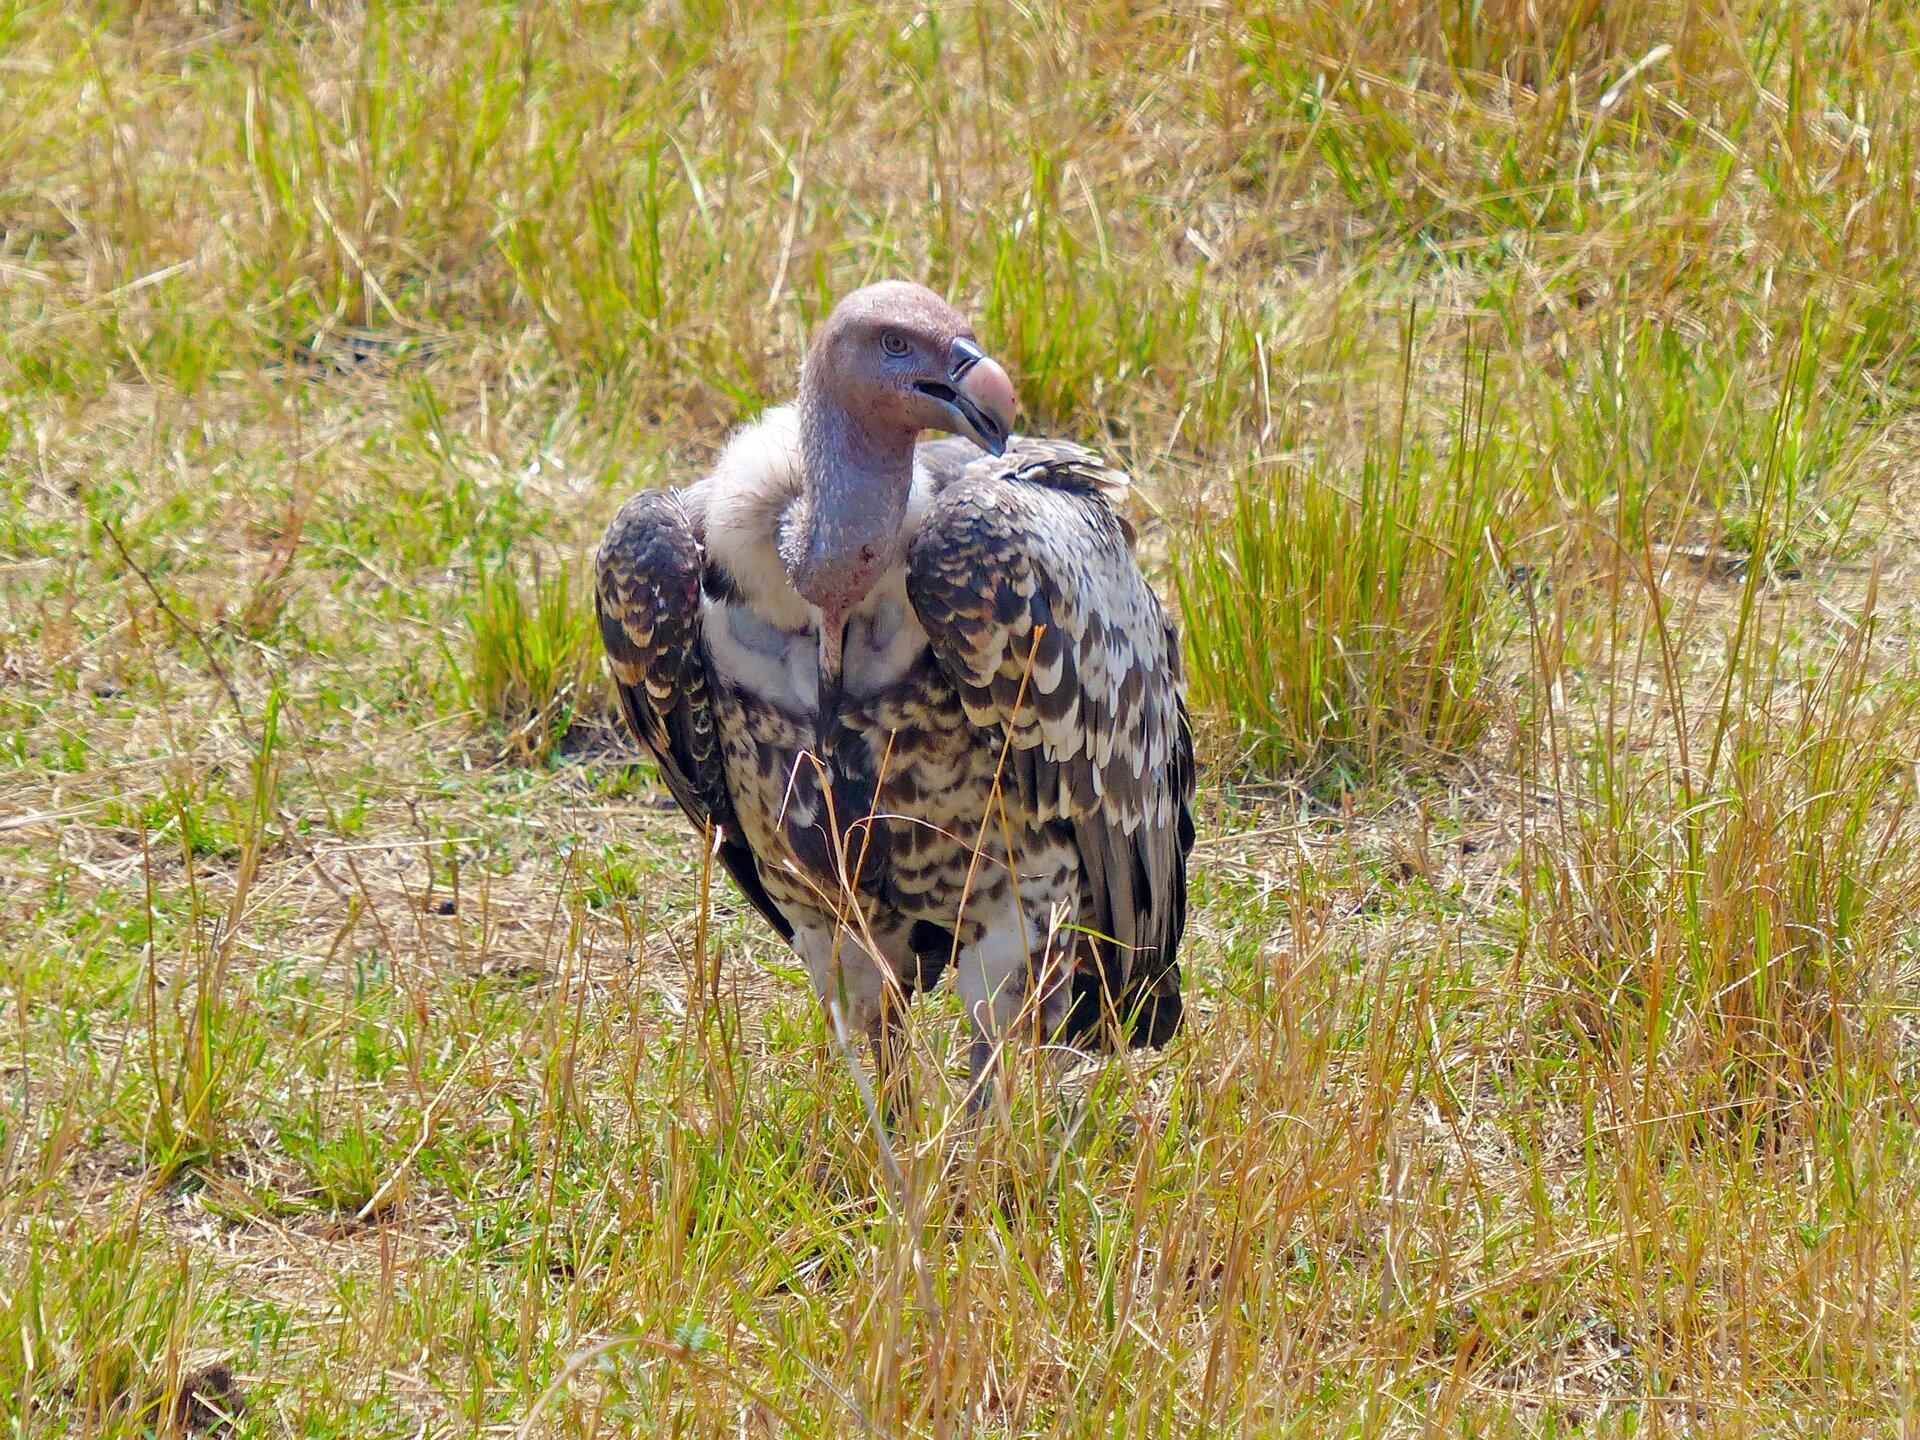 Fotografia przedstawia sępa siedzącego na trawie. Sęp ma dużą głowę zwróconą wprawo, zmocnym, czarnym dziobem. Głowa iszyja są pozbawione piór. Ptak siedzi na ziemi. Pióra są ciemnobrązowe wbiałymi końcówkami.